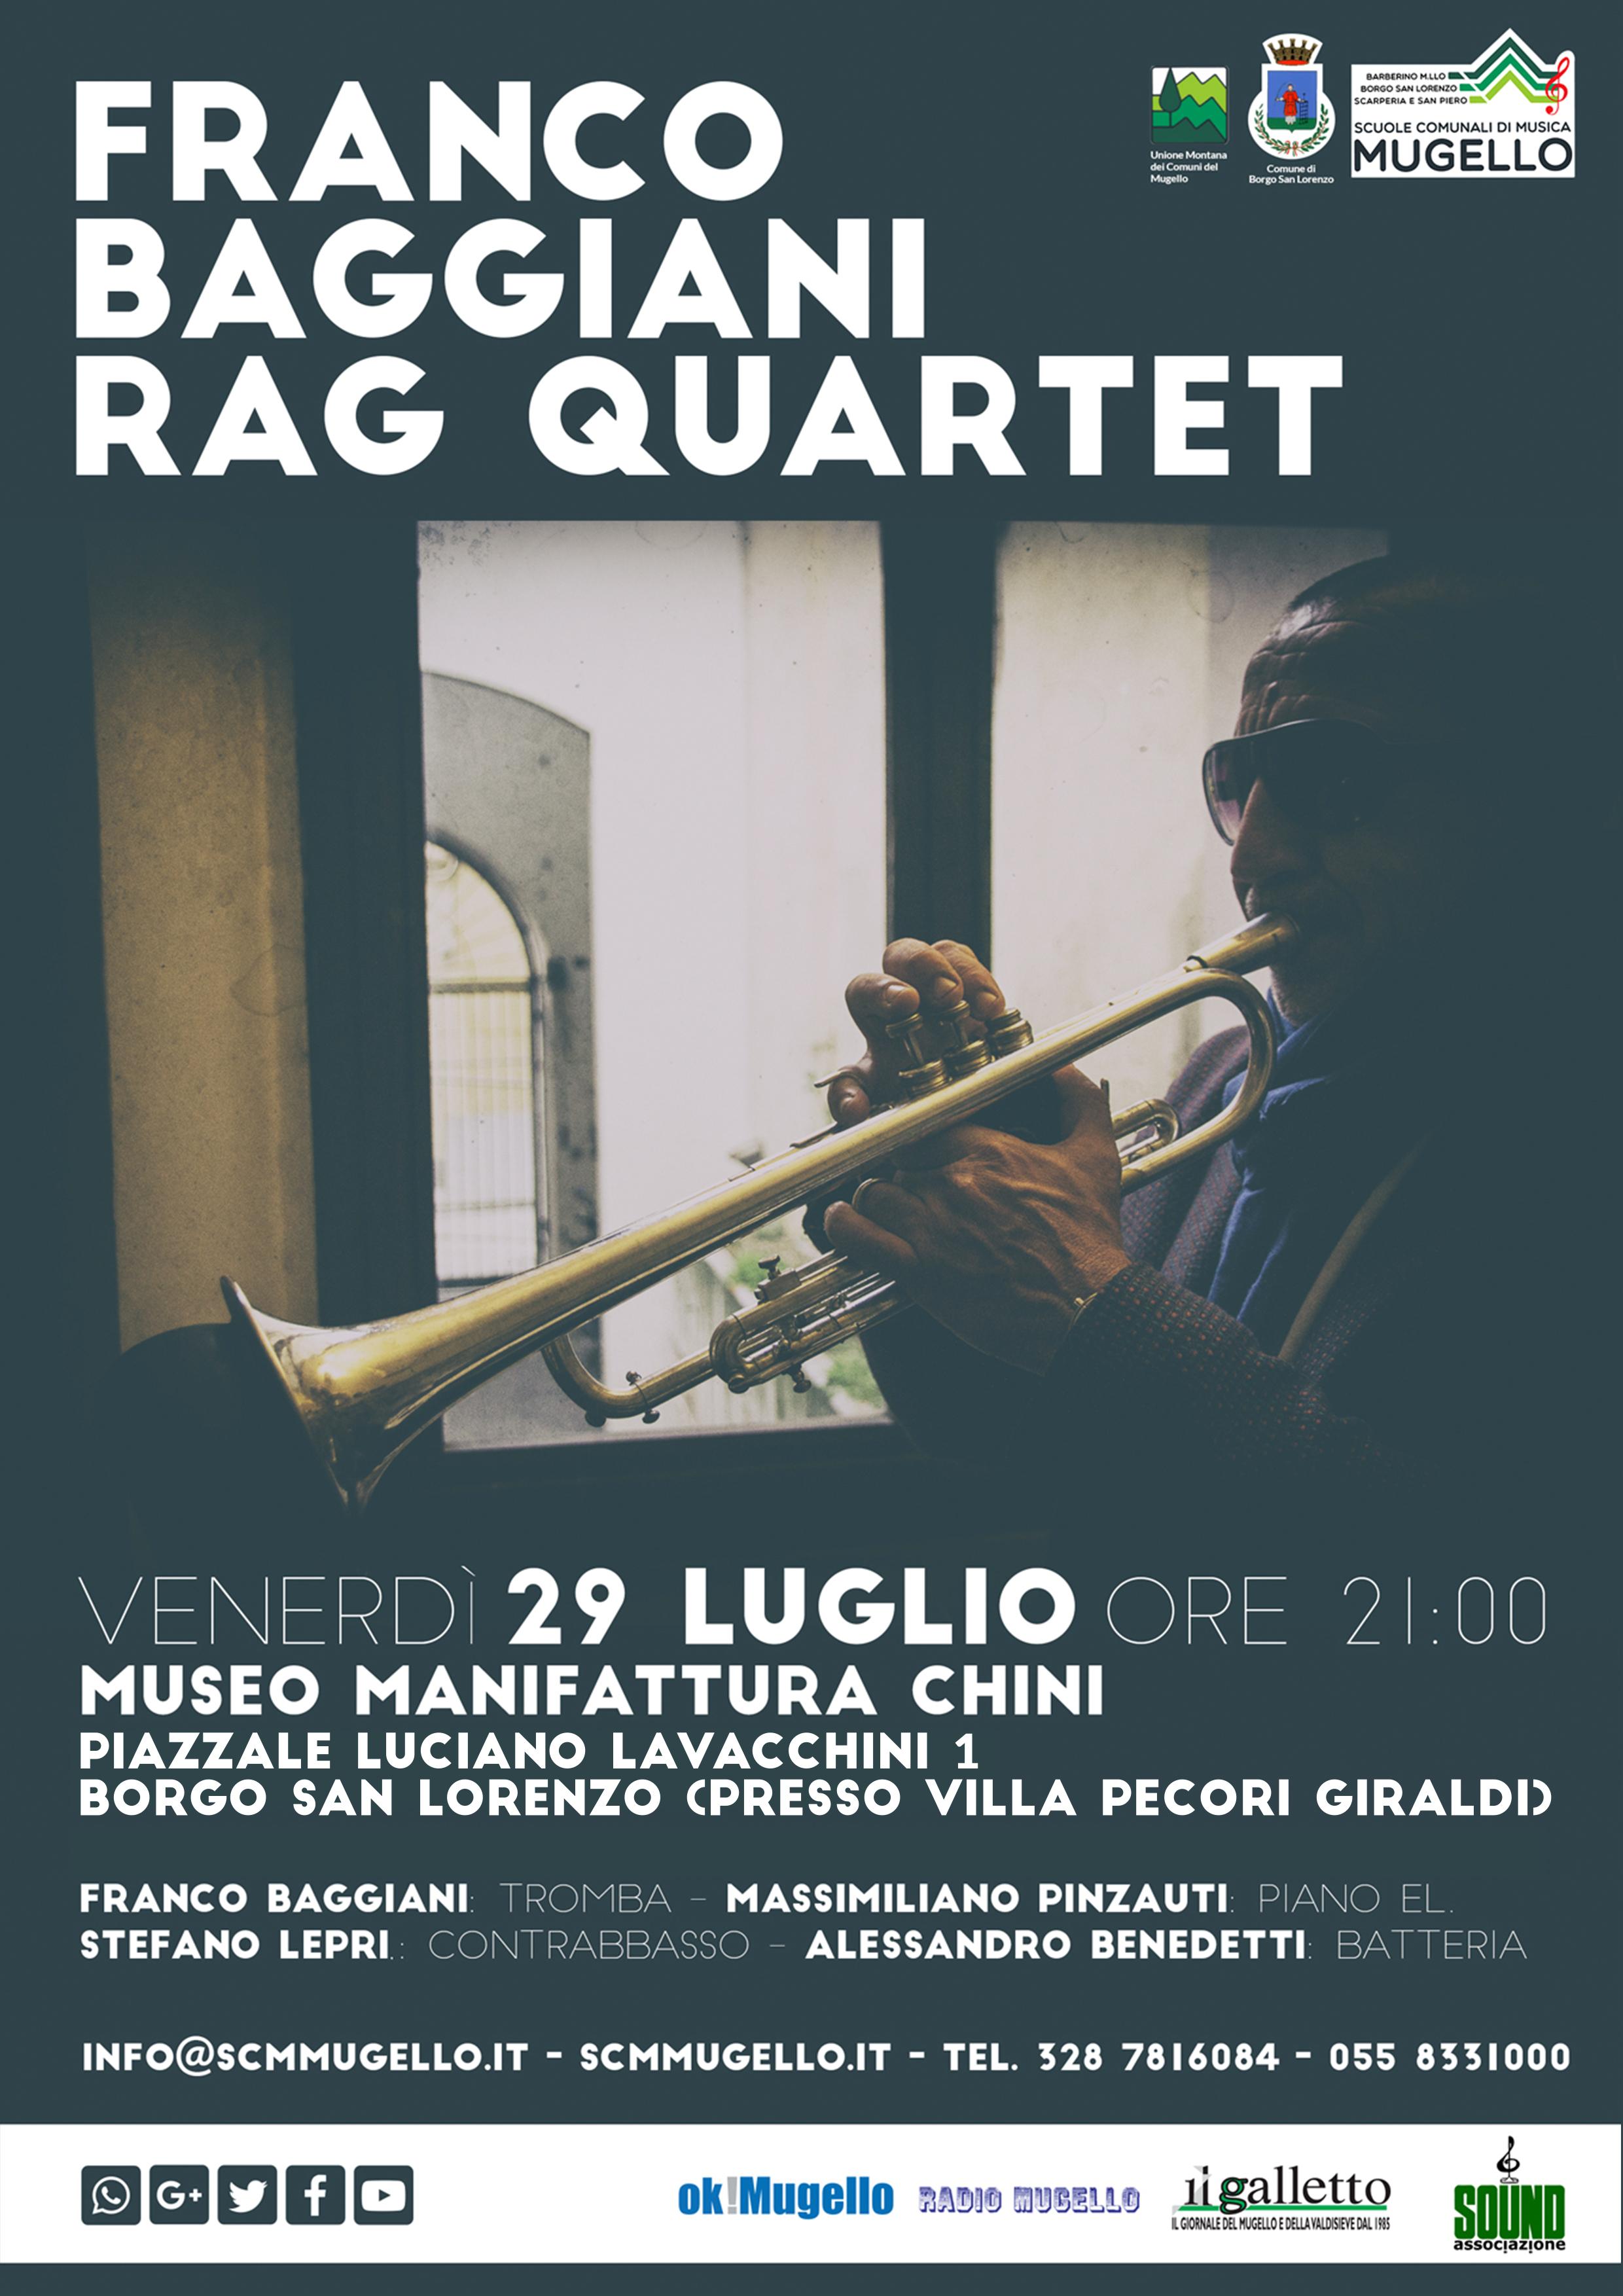 franco-baggiani-rag-quartet-colorexec.jpg